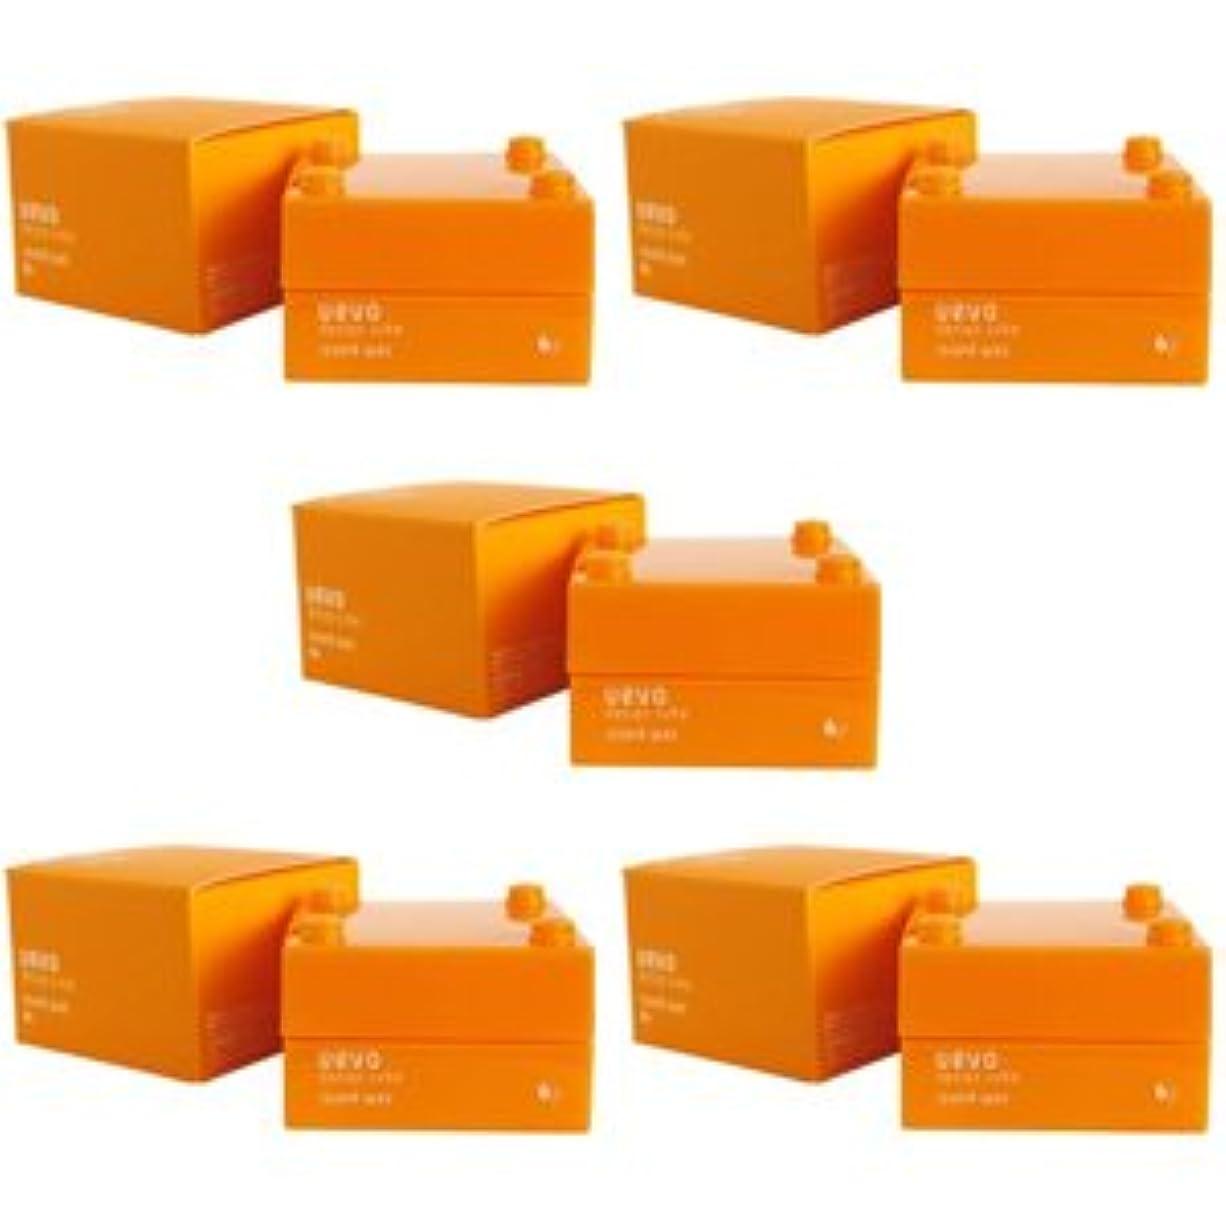 ベリ真夜中力【X5個セット】 デミ ウェーボ デザインキューブ ラウンドワックス 30g round wax DEMI uevo design cube